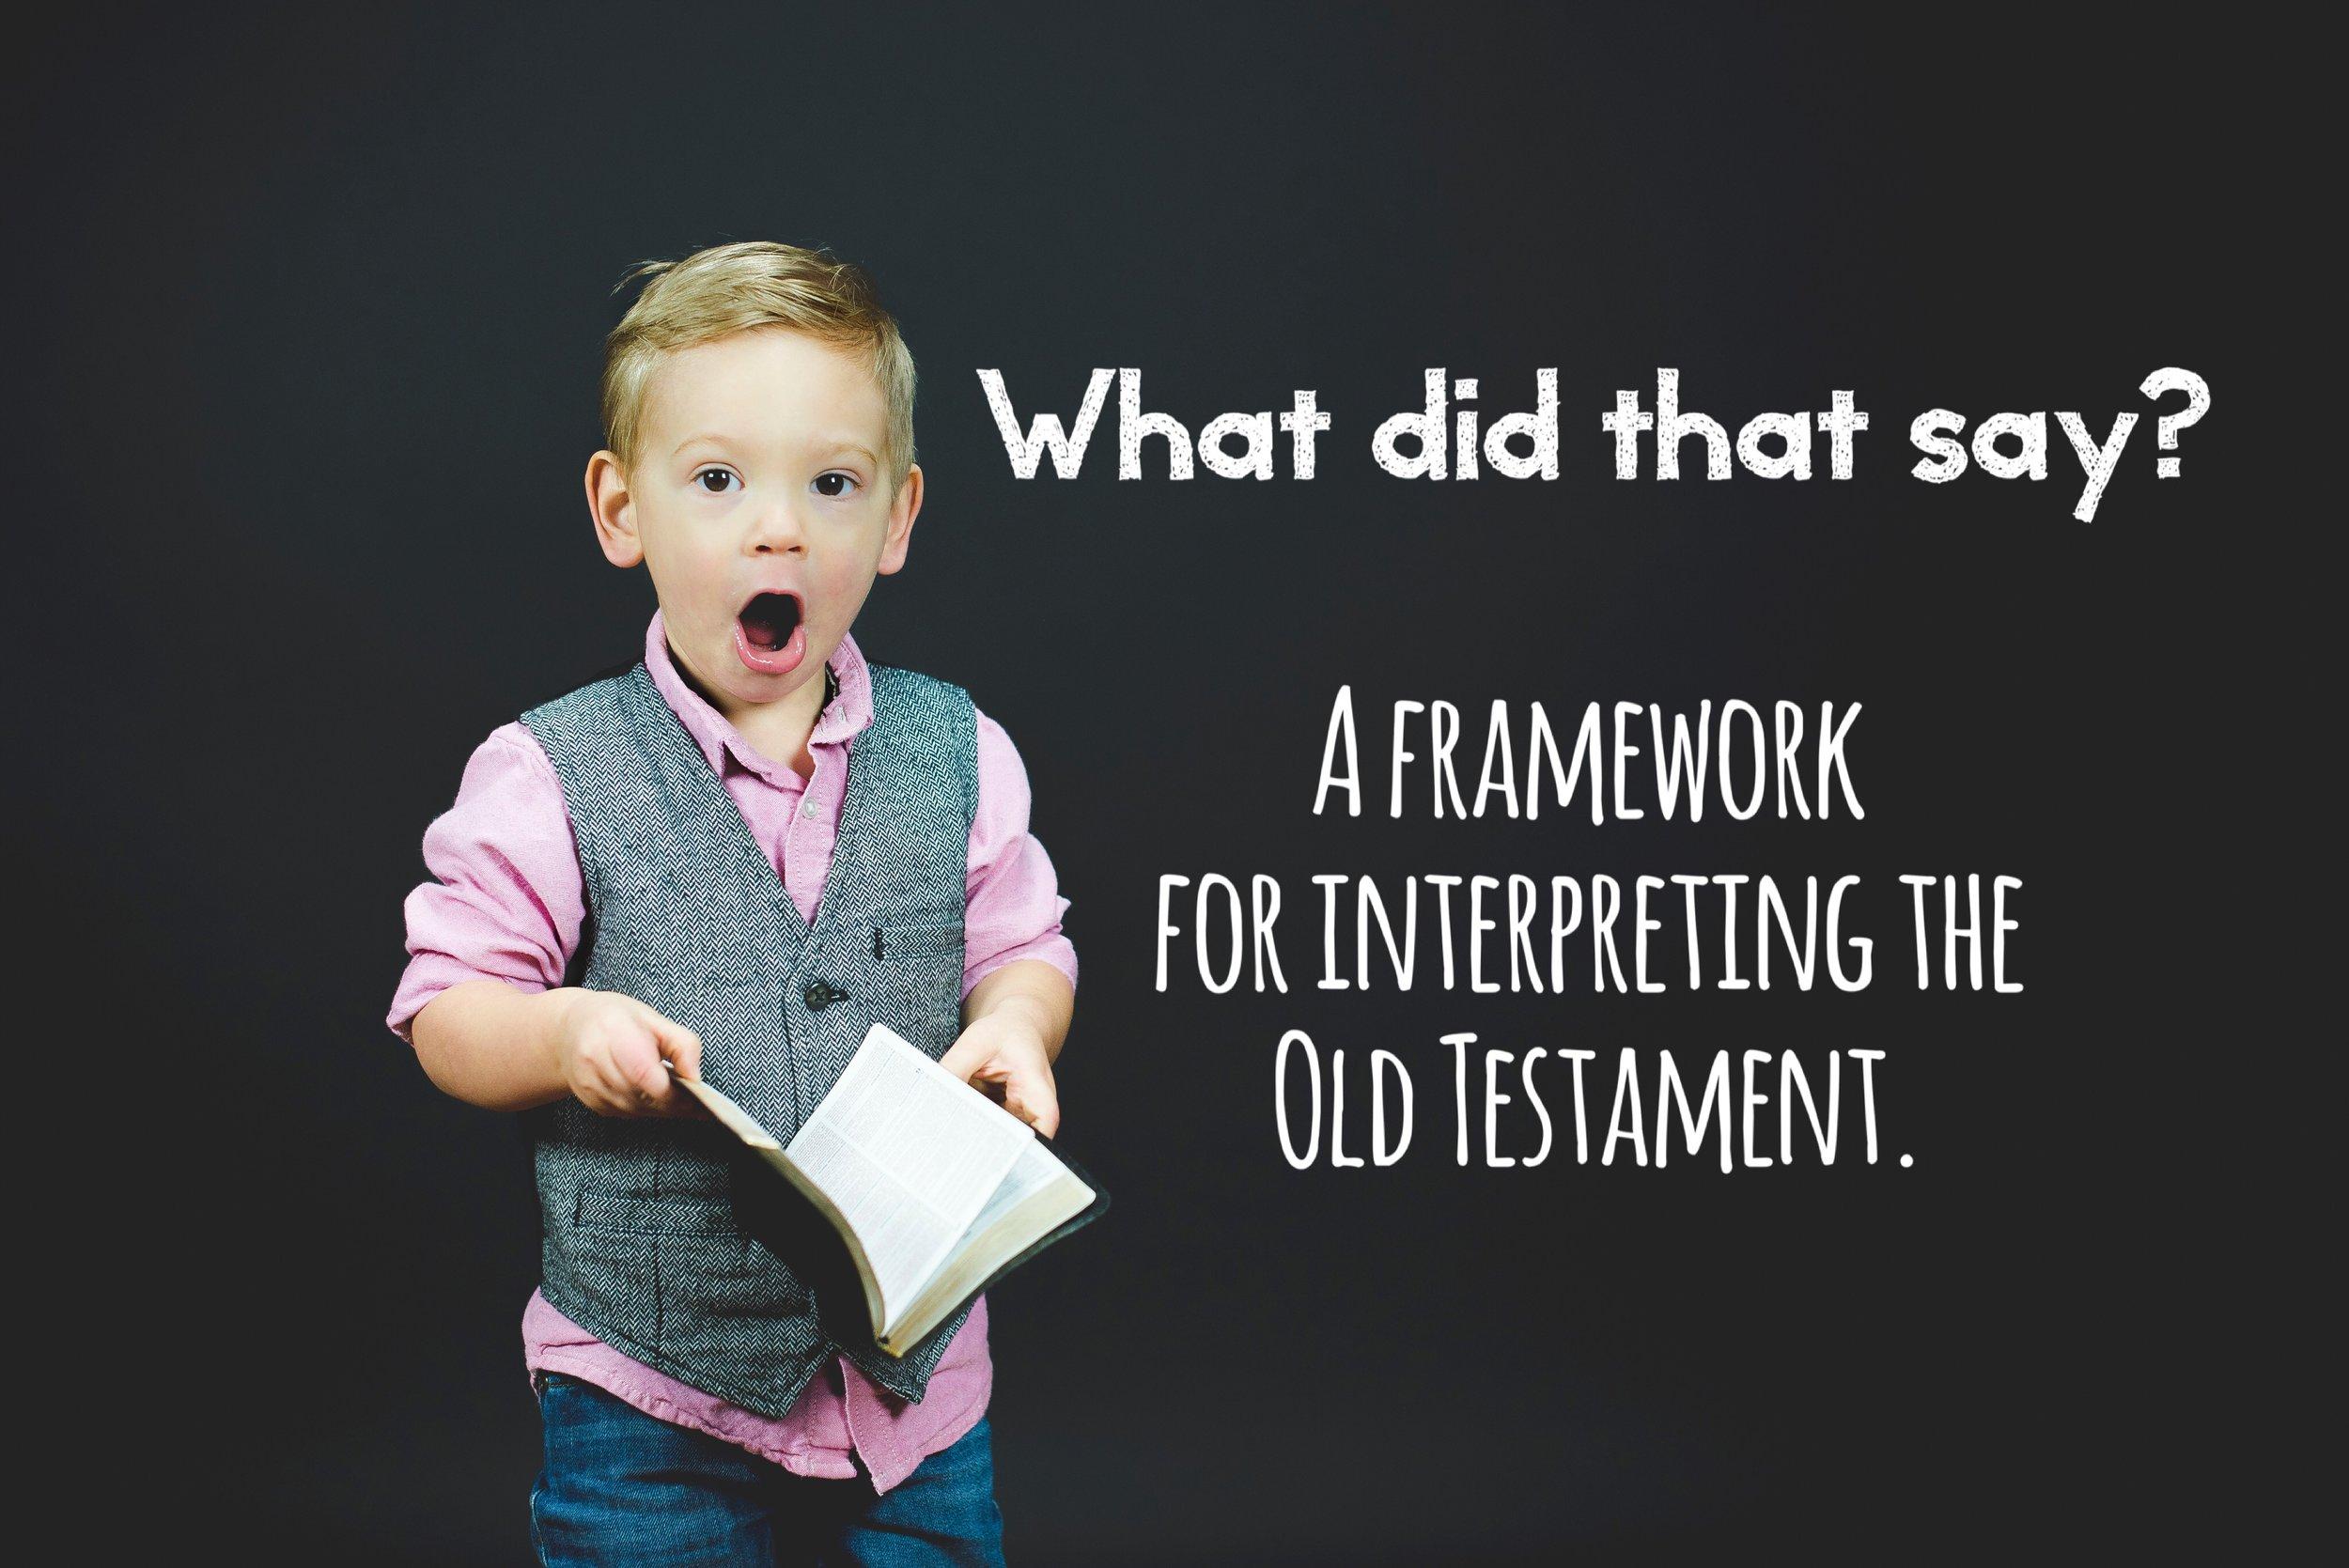 Framework for Interpreting OT Blog Graphic.JPG